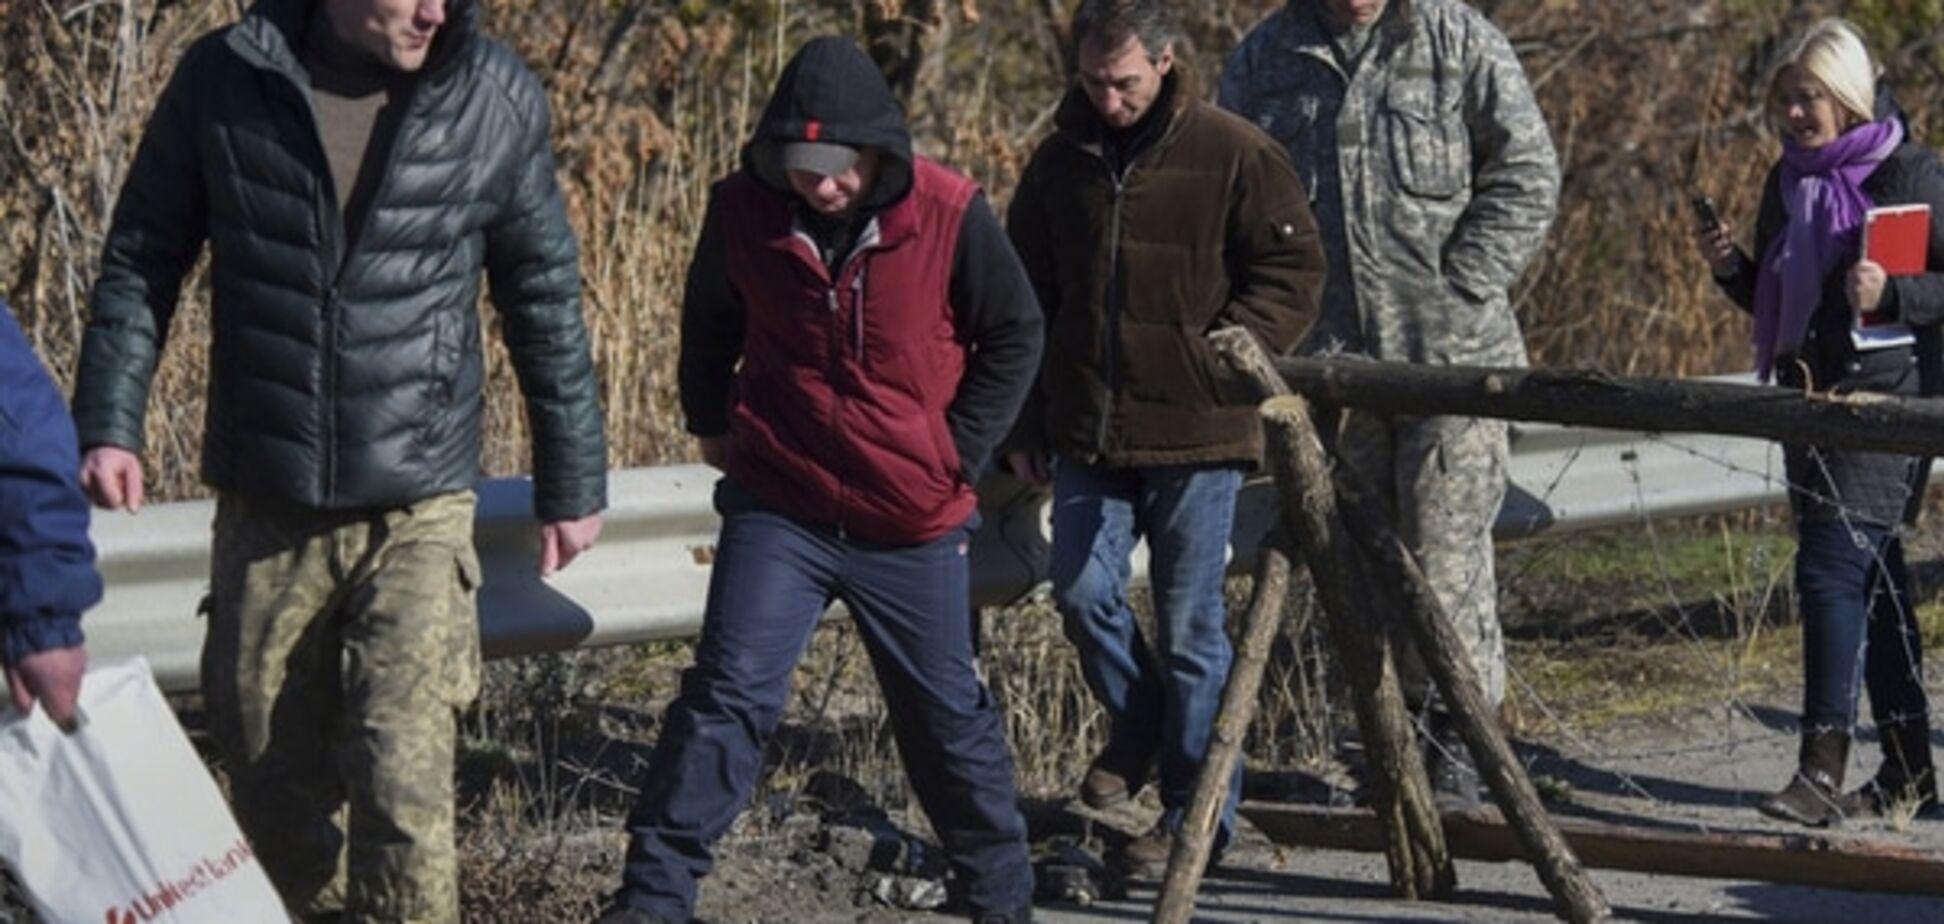 Итоги недели: выборы, обмен пленными и взрыв в Сватово